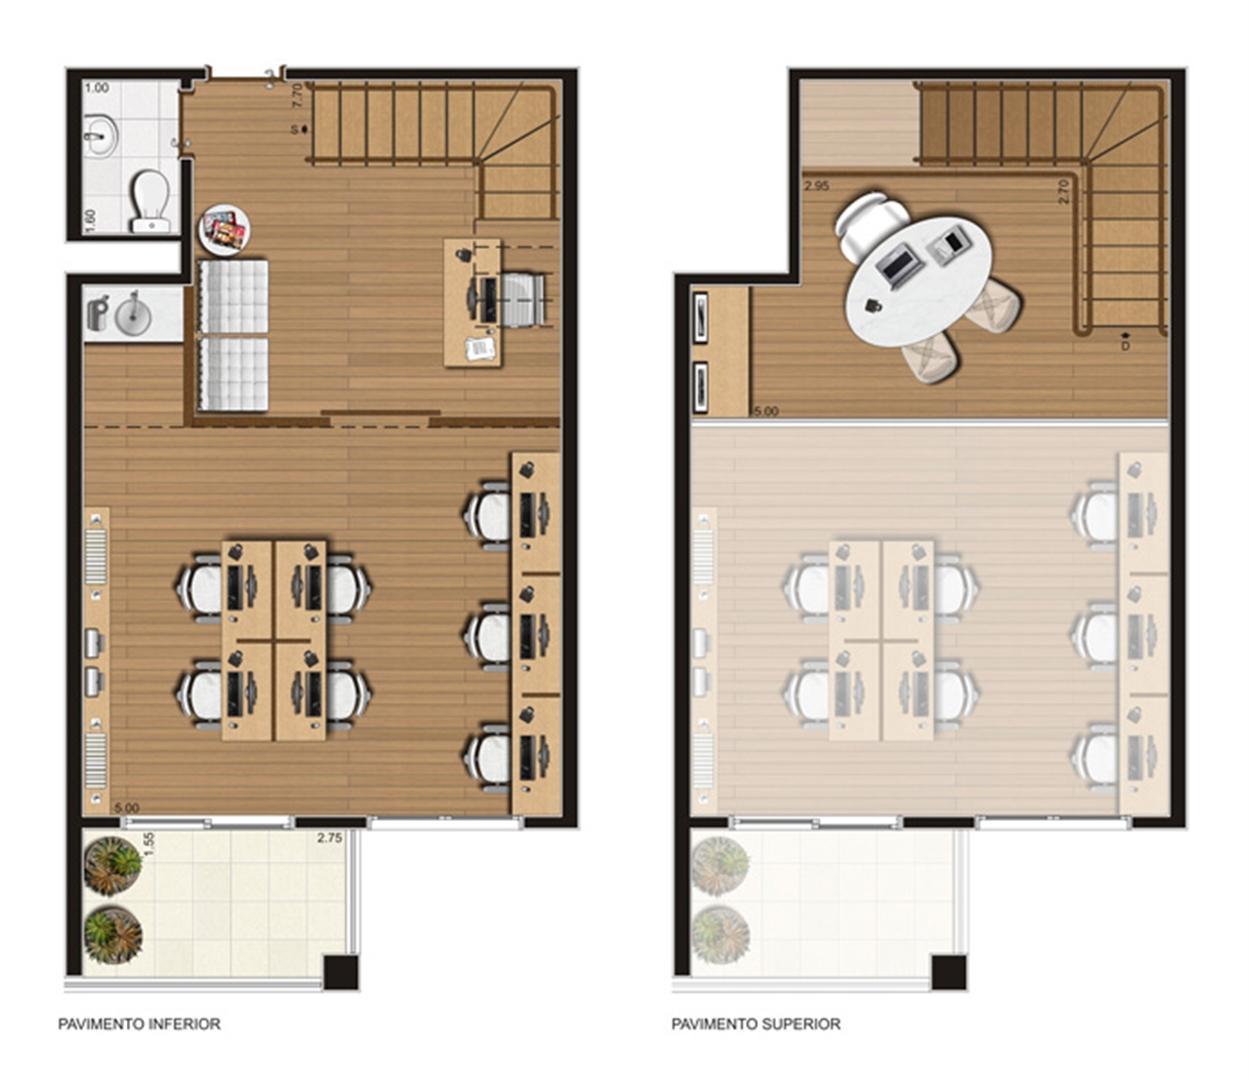 Sala comercial duplex 58 m² privativos – Finais 2 a 4, 7 e 8, 11 a 15, 17 a 23   Luzes da Mooca - Atrio Giorno – Salas Comerciais na  Mooca - São Paulo - São Paulo